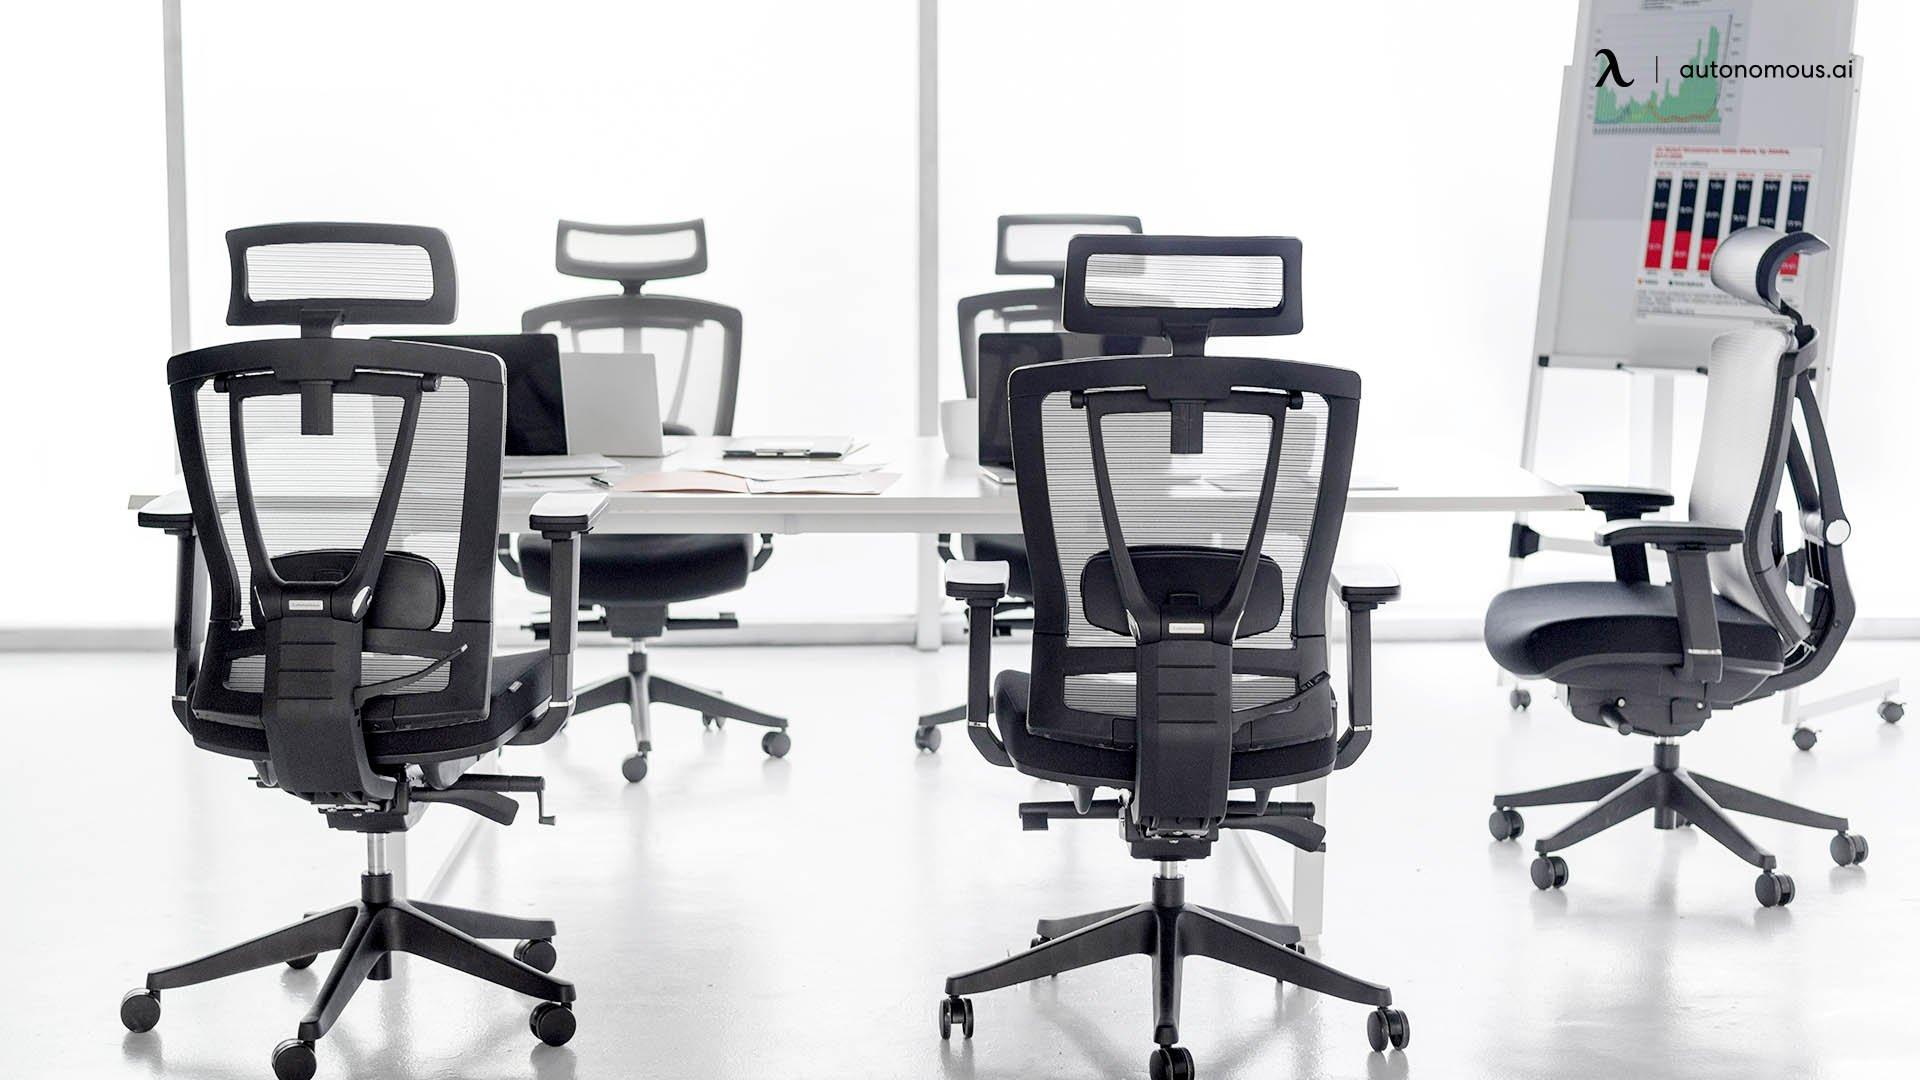 Solution 1 - An ergonomic chair!